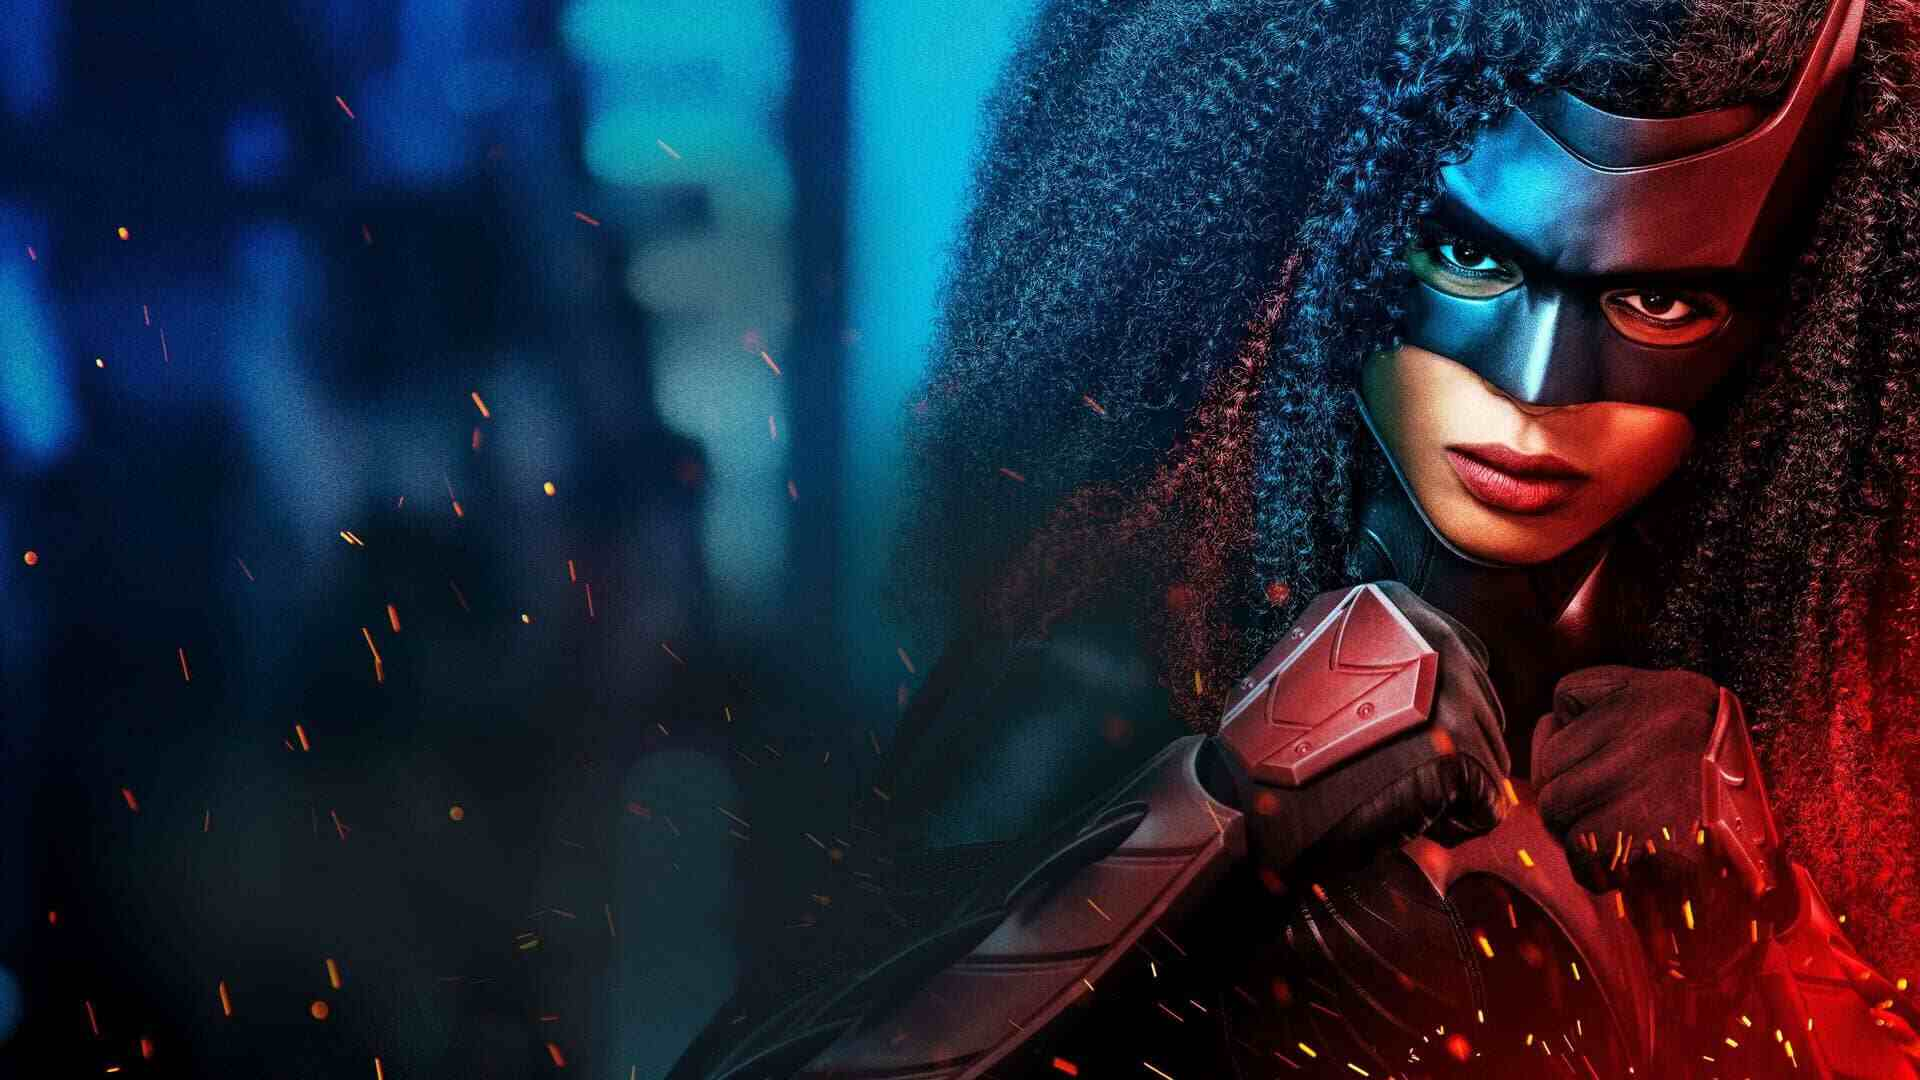 Batwoman The CW